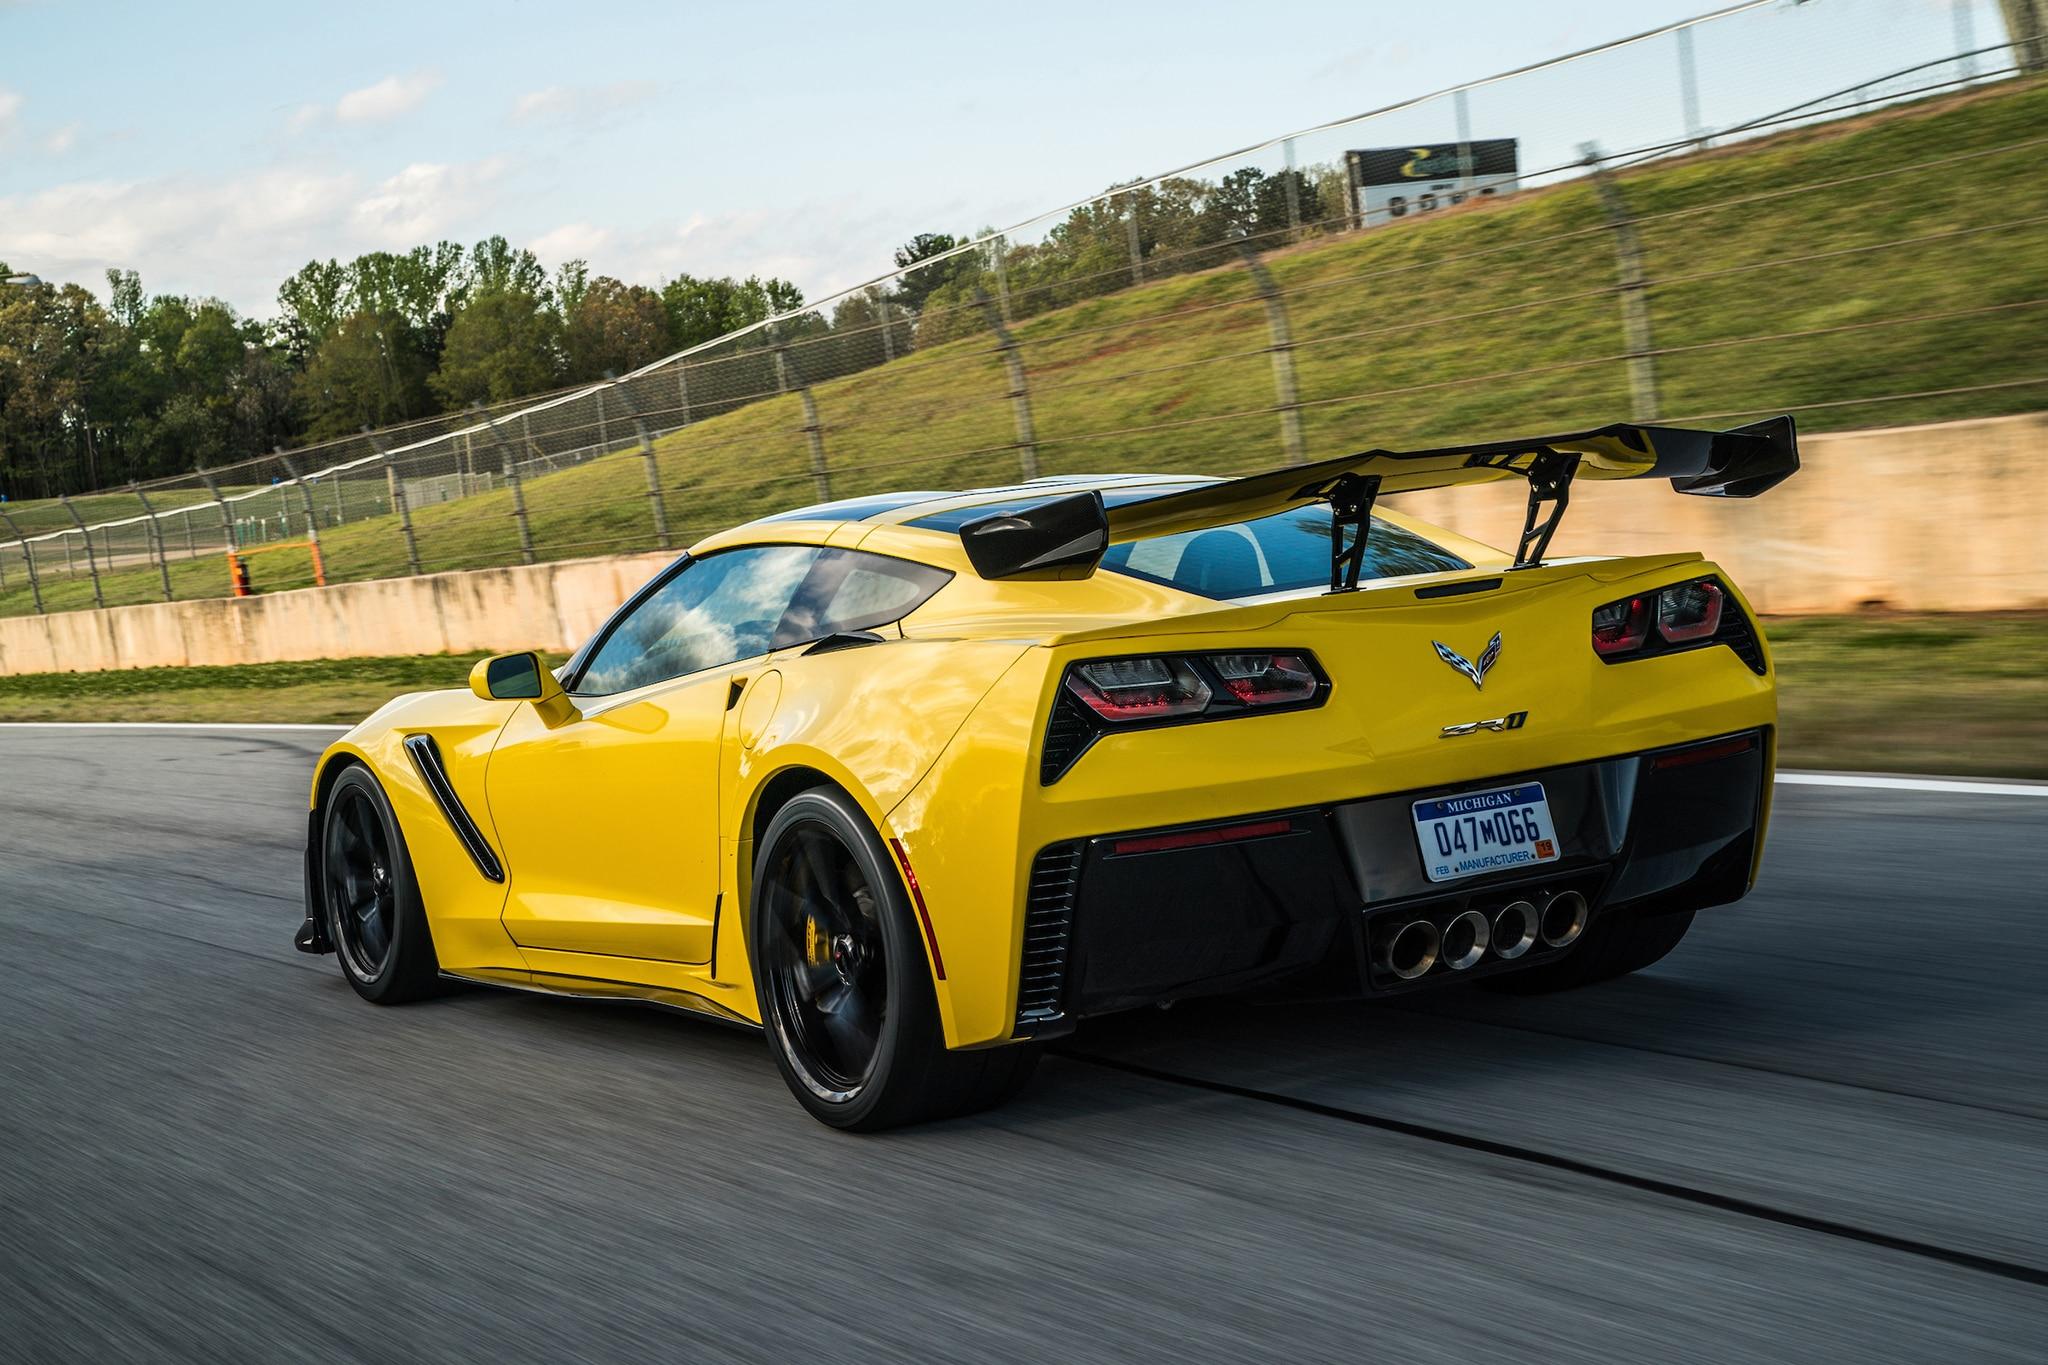 Corvette Zr1 0 60 >> 20 Elegant 2019 Chevrolet Corvette Zr1 0 60